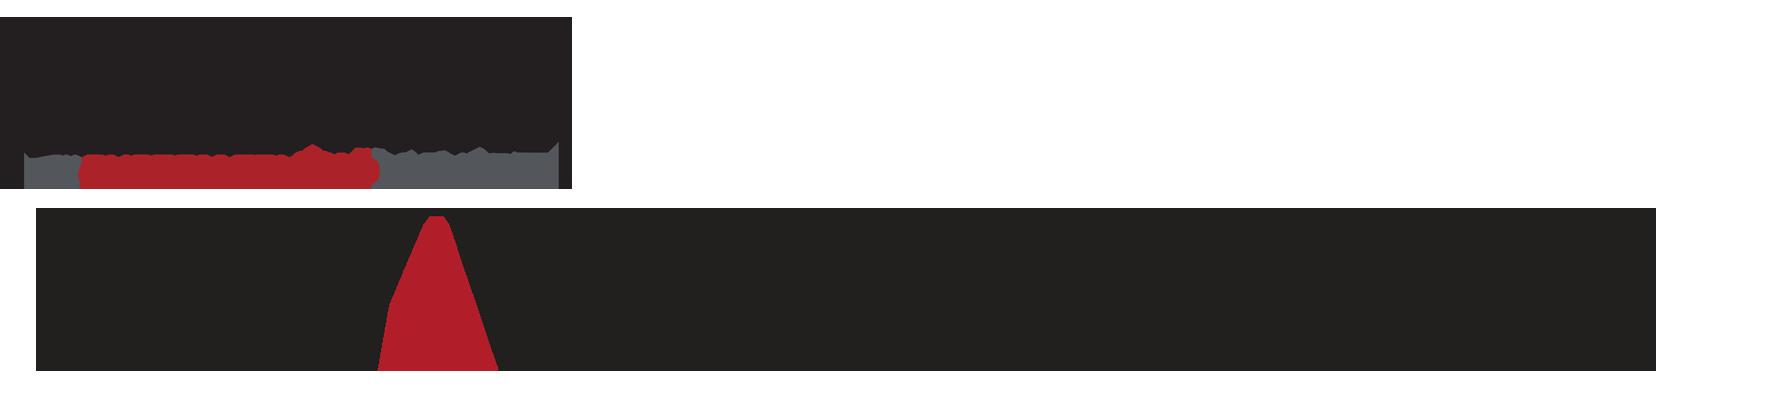 LK Voyager Series Logo2